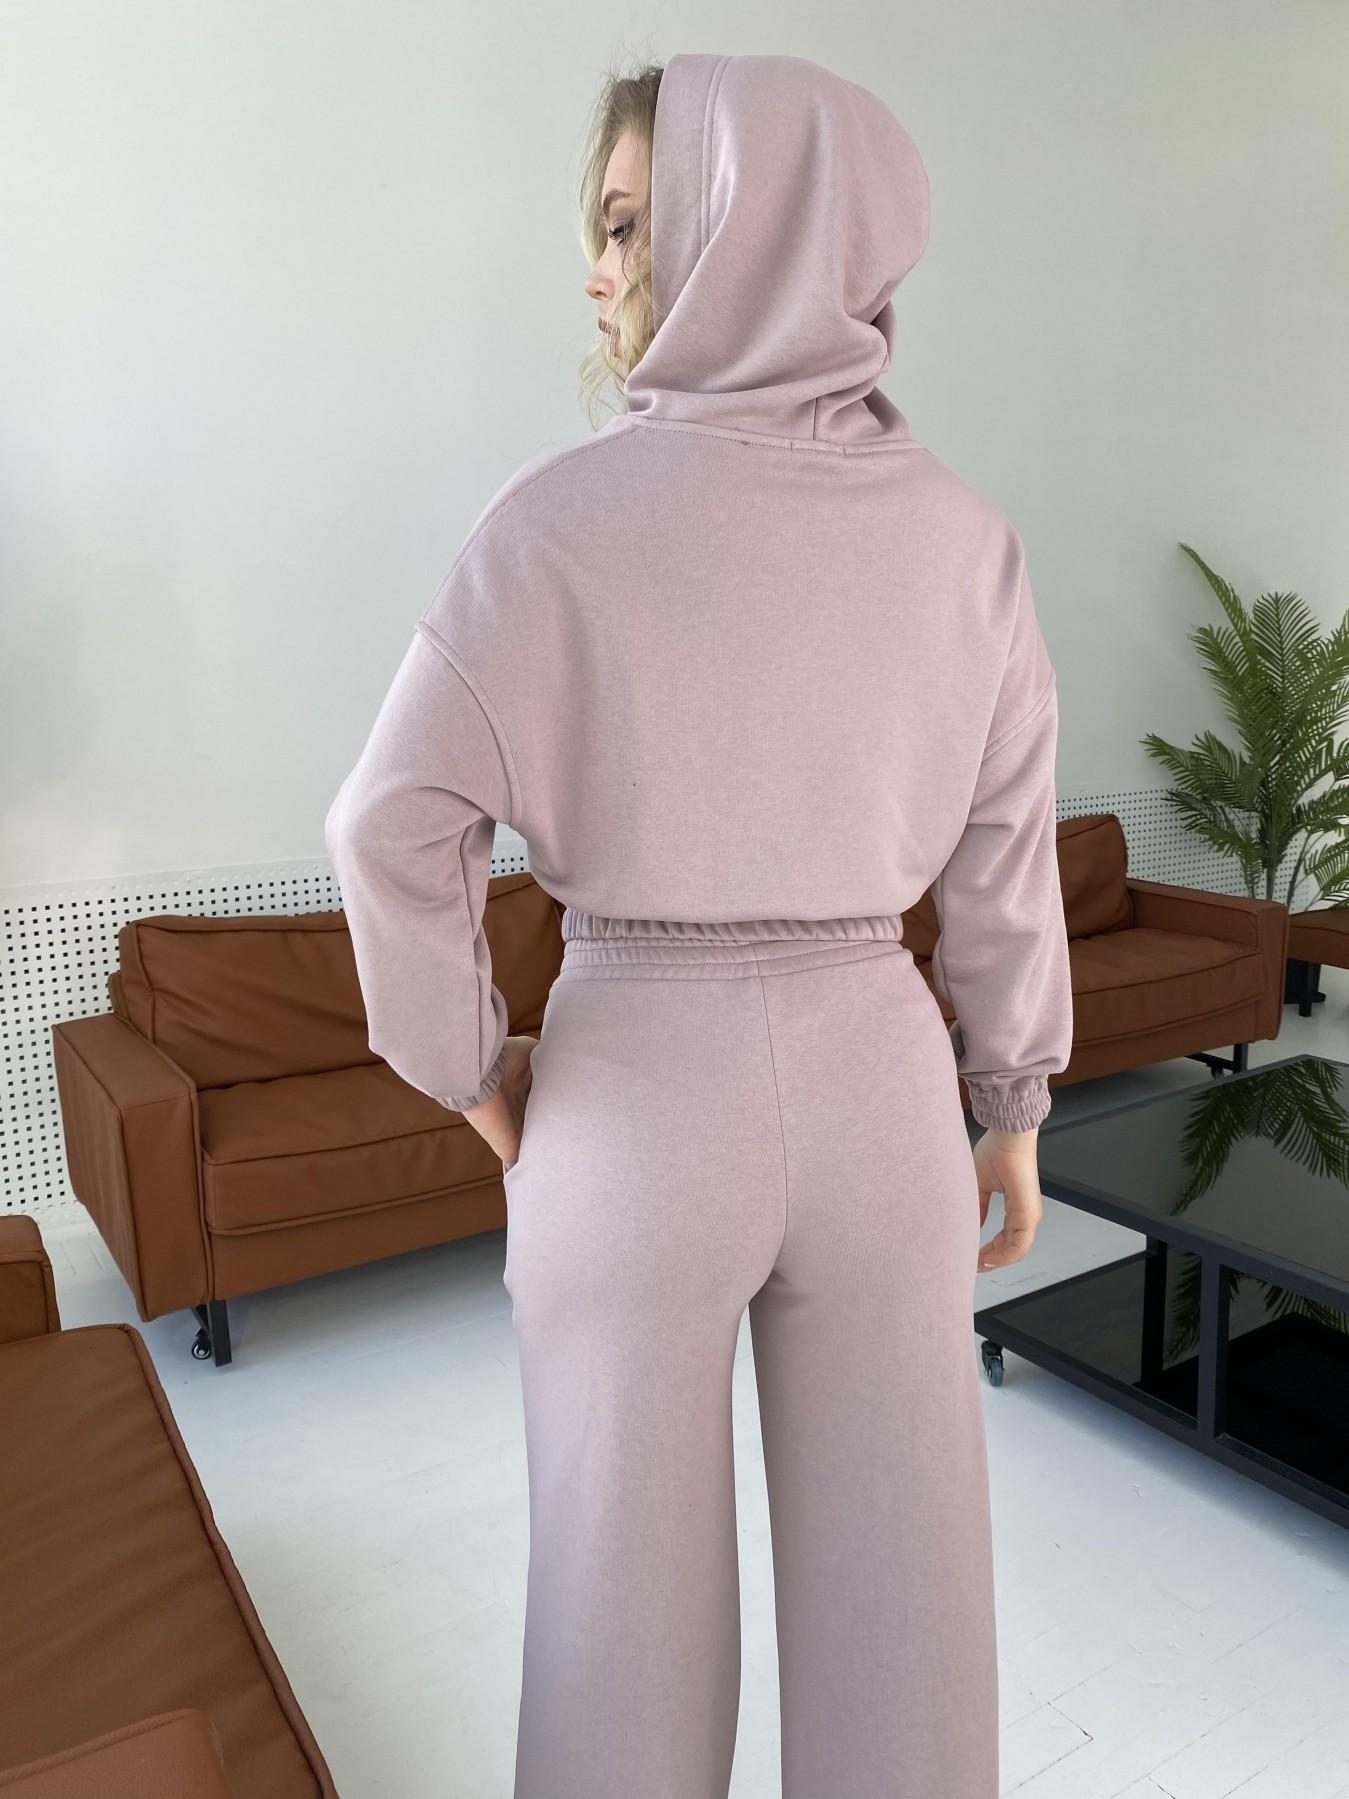 Бейби  прогулочный костюм из 3х нитки 10812 АРТ. 47278 Цвет: Кофе - фото 6, интернет магазин tm-modus.ru